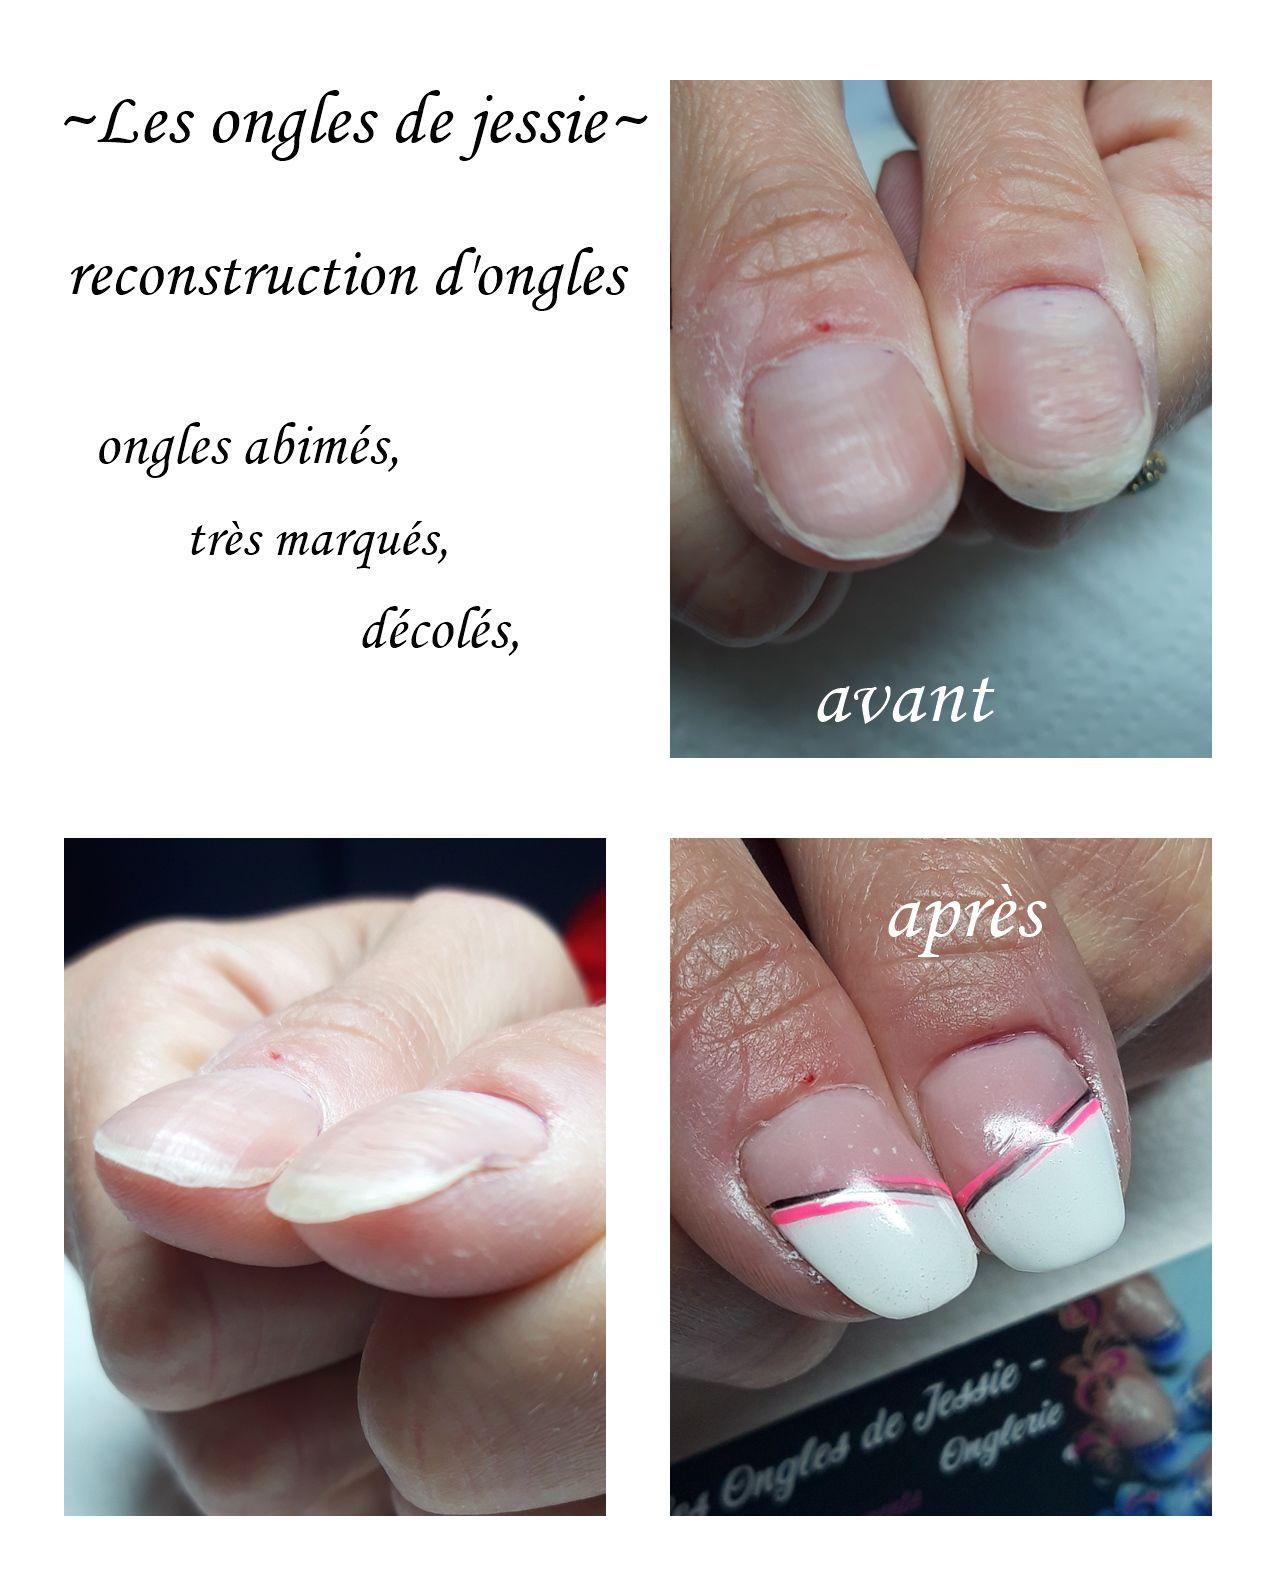 reconstruction d'ongles abimés